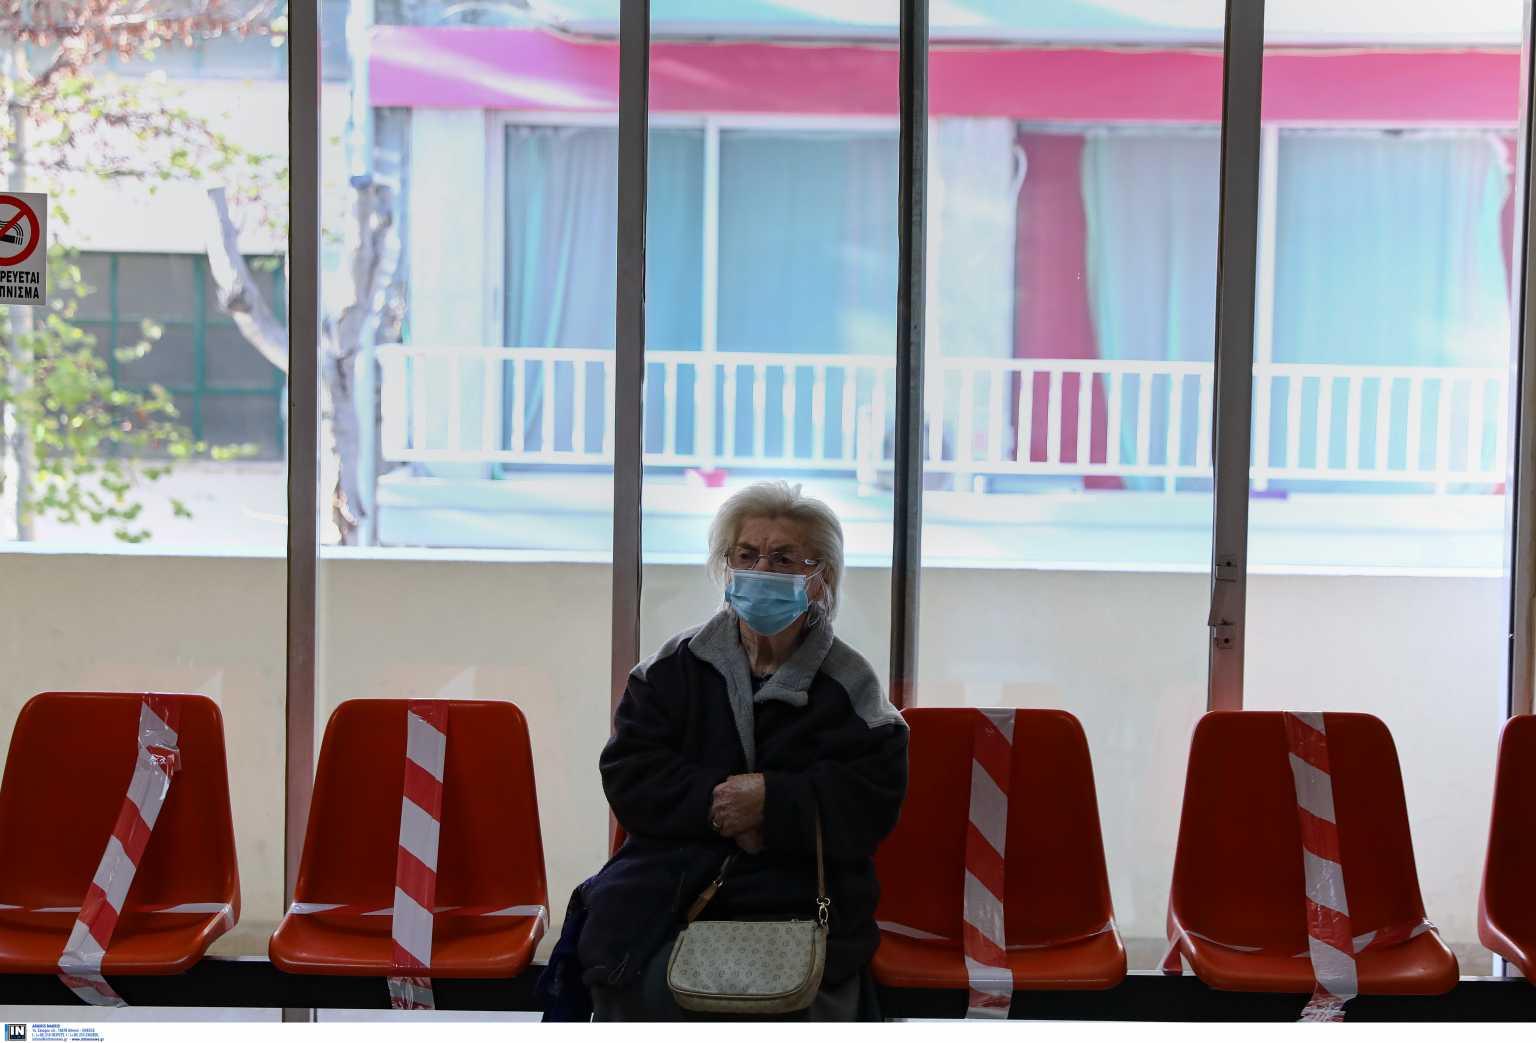 Με δυσκολίες ο εμβολιασμός στην επαρχία – Ηλικιωμένοι δεν προσέρχονται καθόλου στα ραντεβού